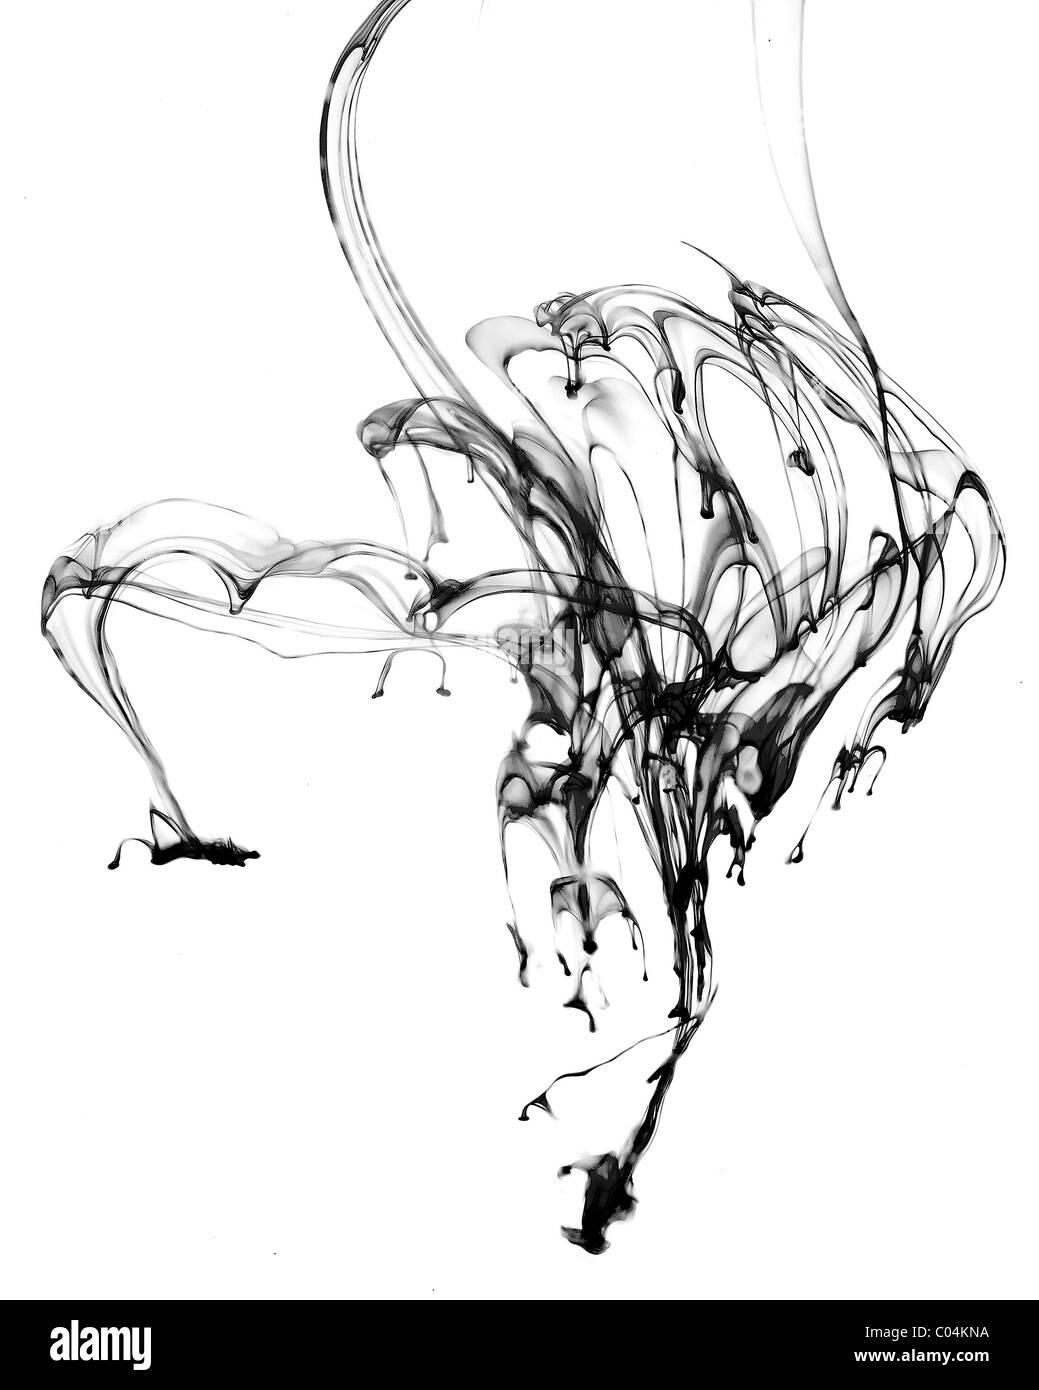 Subacquea di inchiostro in bianco e nero Immagini Stock